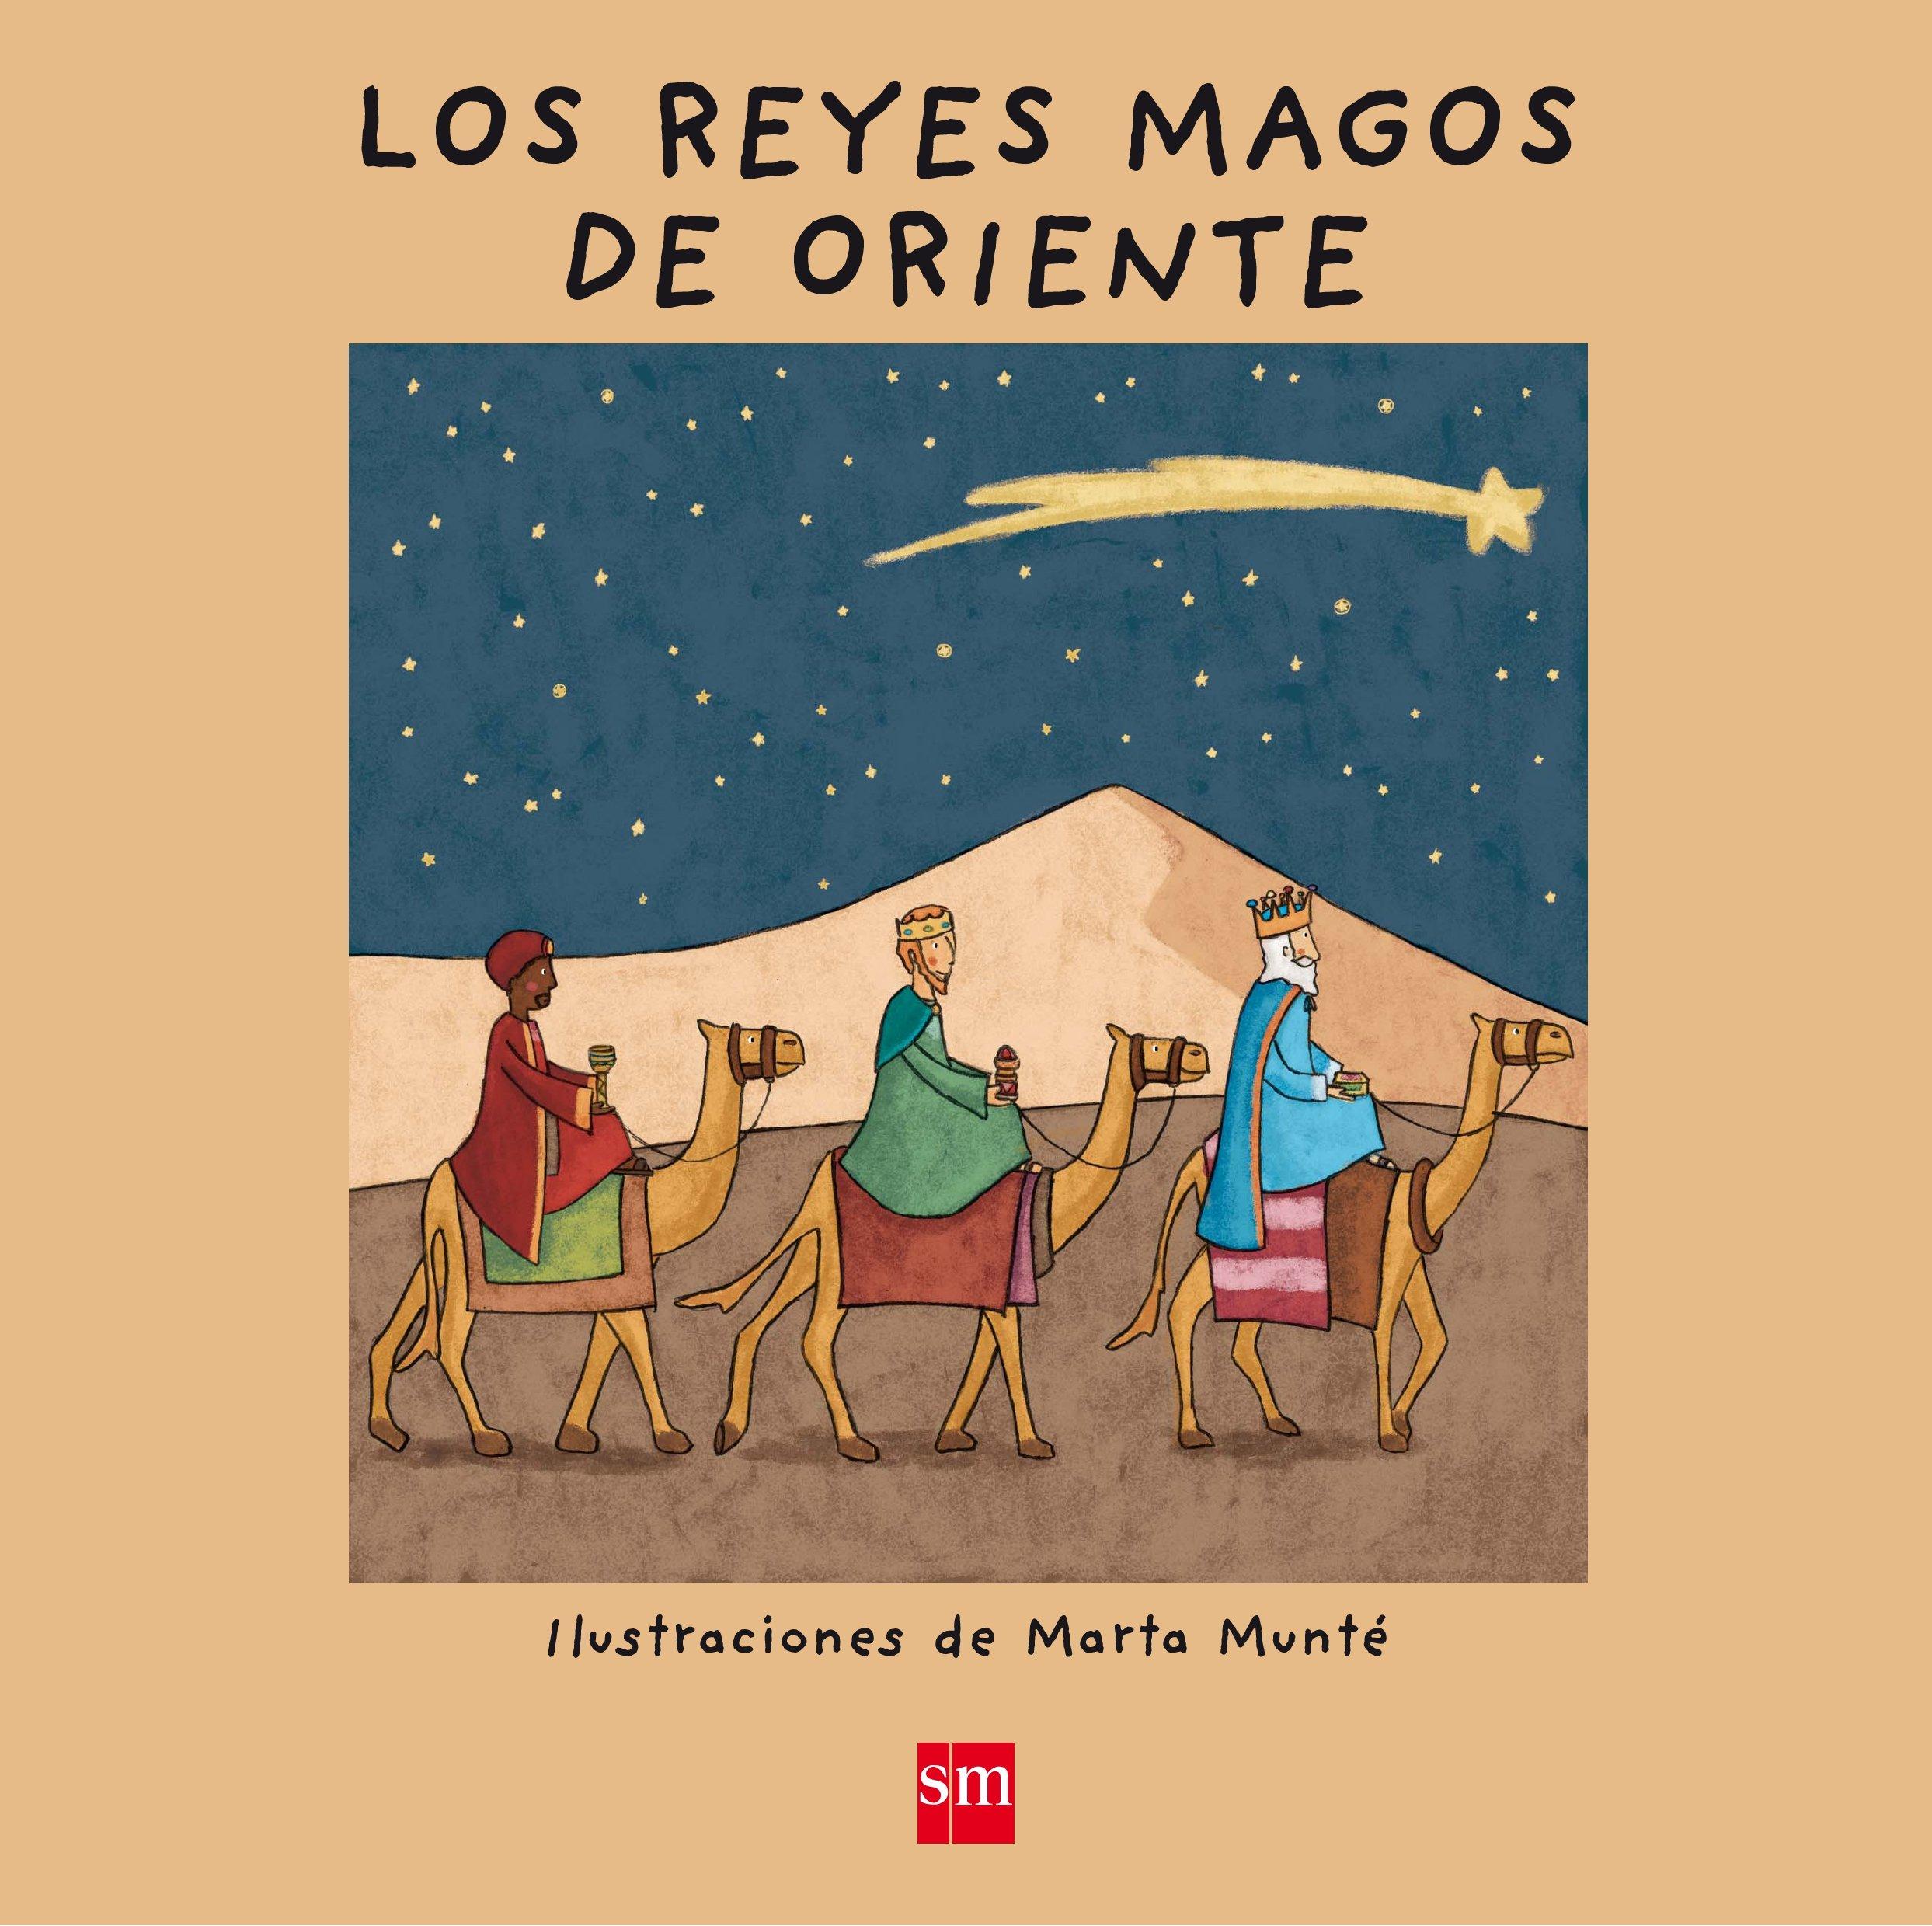 Ver Fotos De Los Reyes Magos De Oriente.Coleccion Ya Se Leer Los Reyes Magos De Oriente Nuria